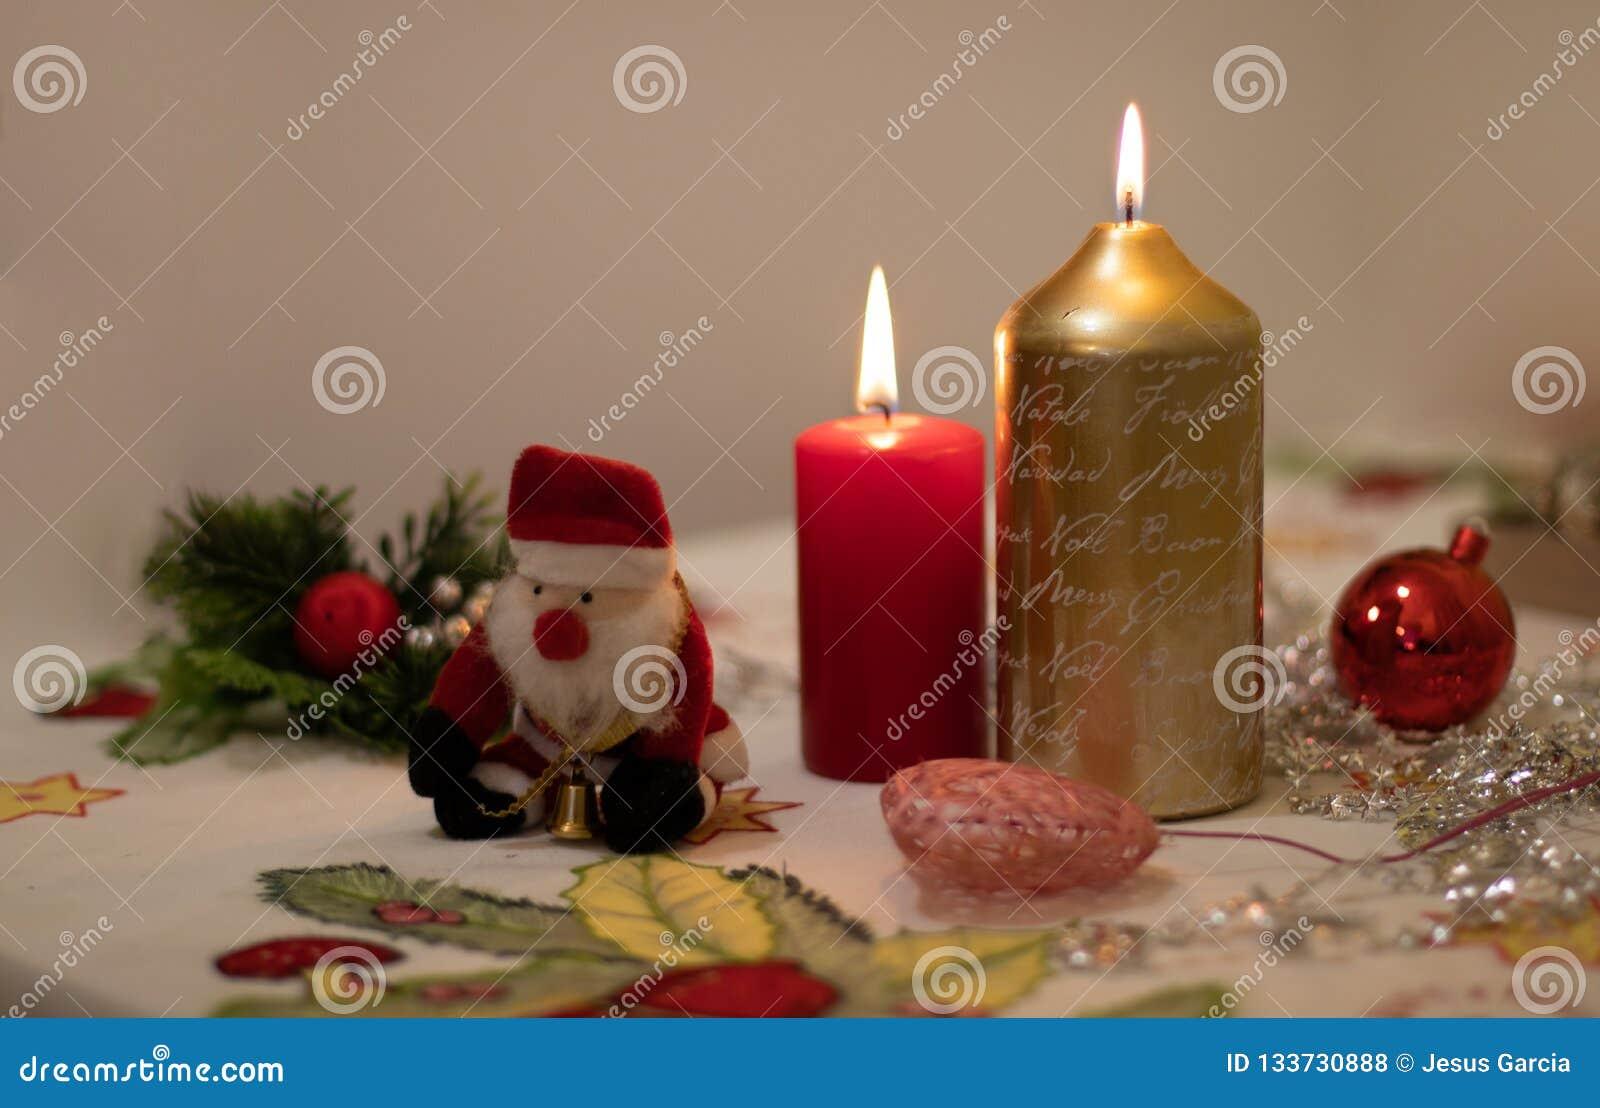 Świeczki zaświecali z Bożenarodzeniową dekoracją i Święty Mikołaj lalą na tablecloth